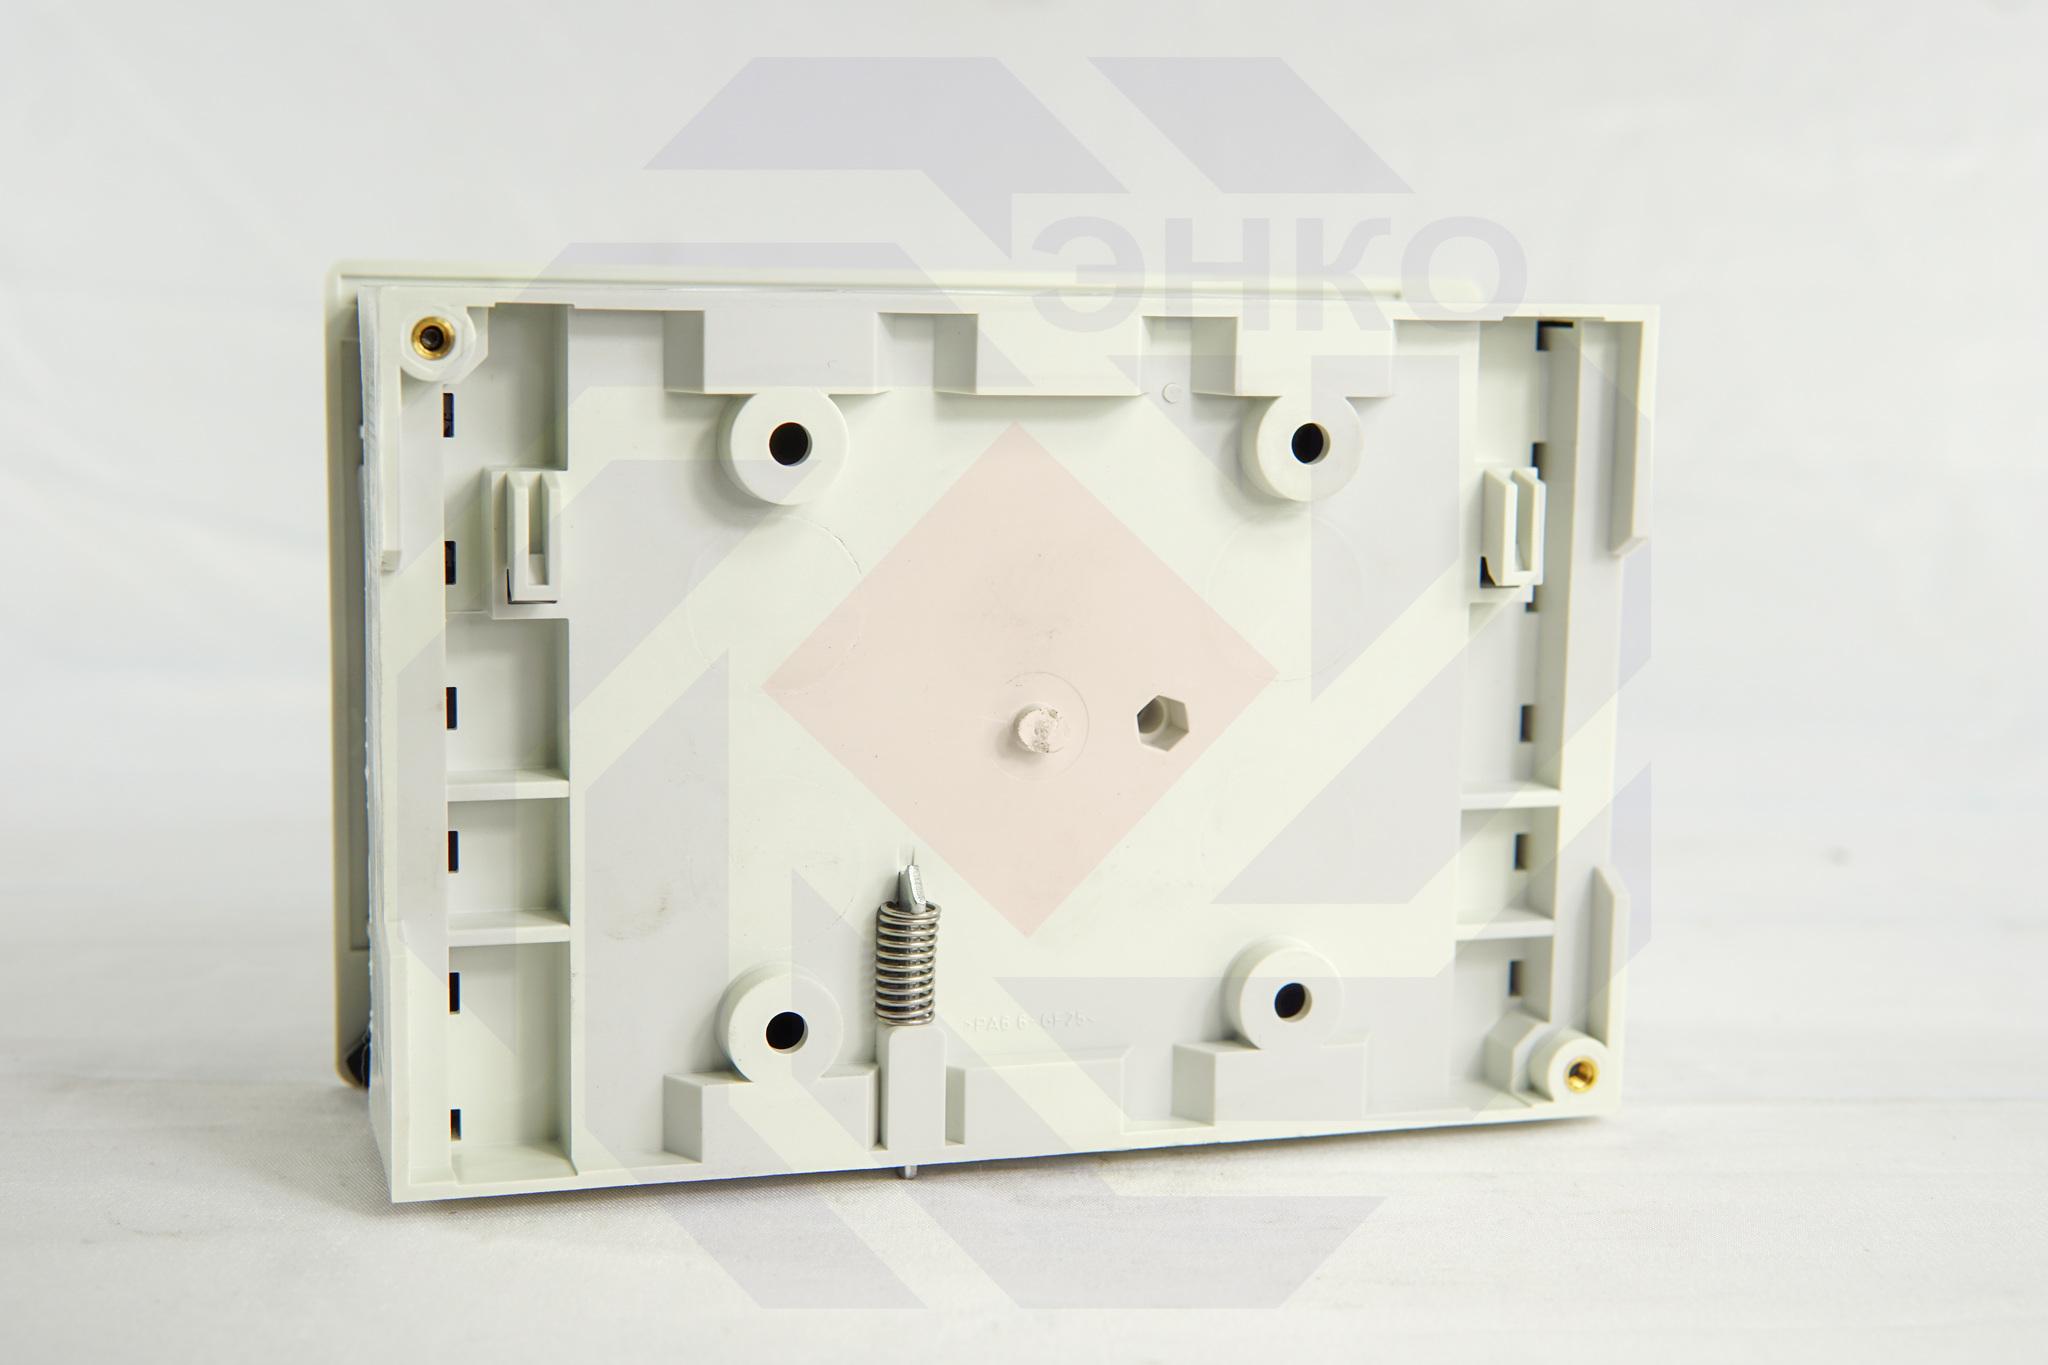 Контроллер погодозависимый SAUTER EQJW 126